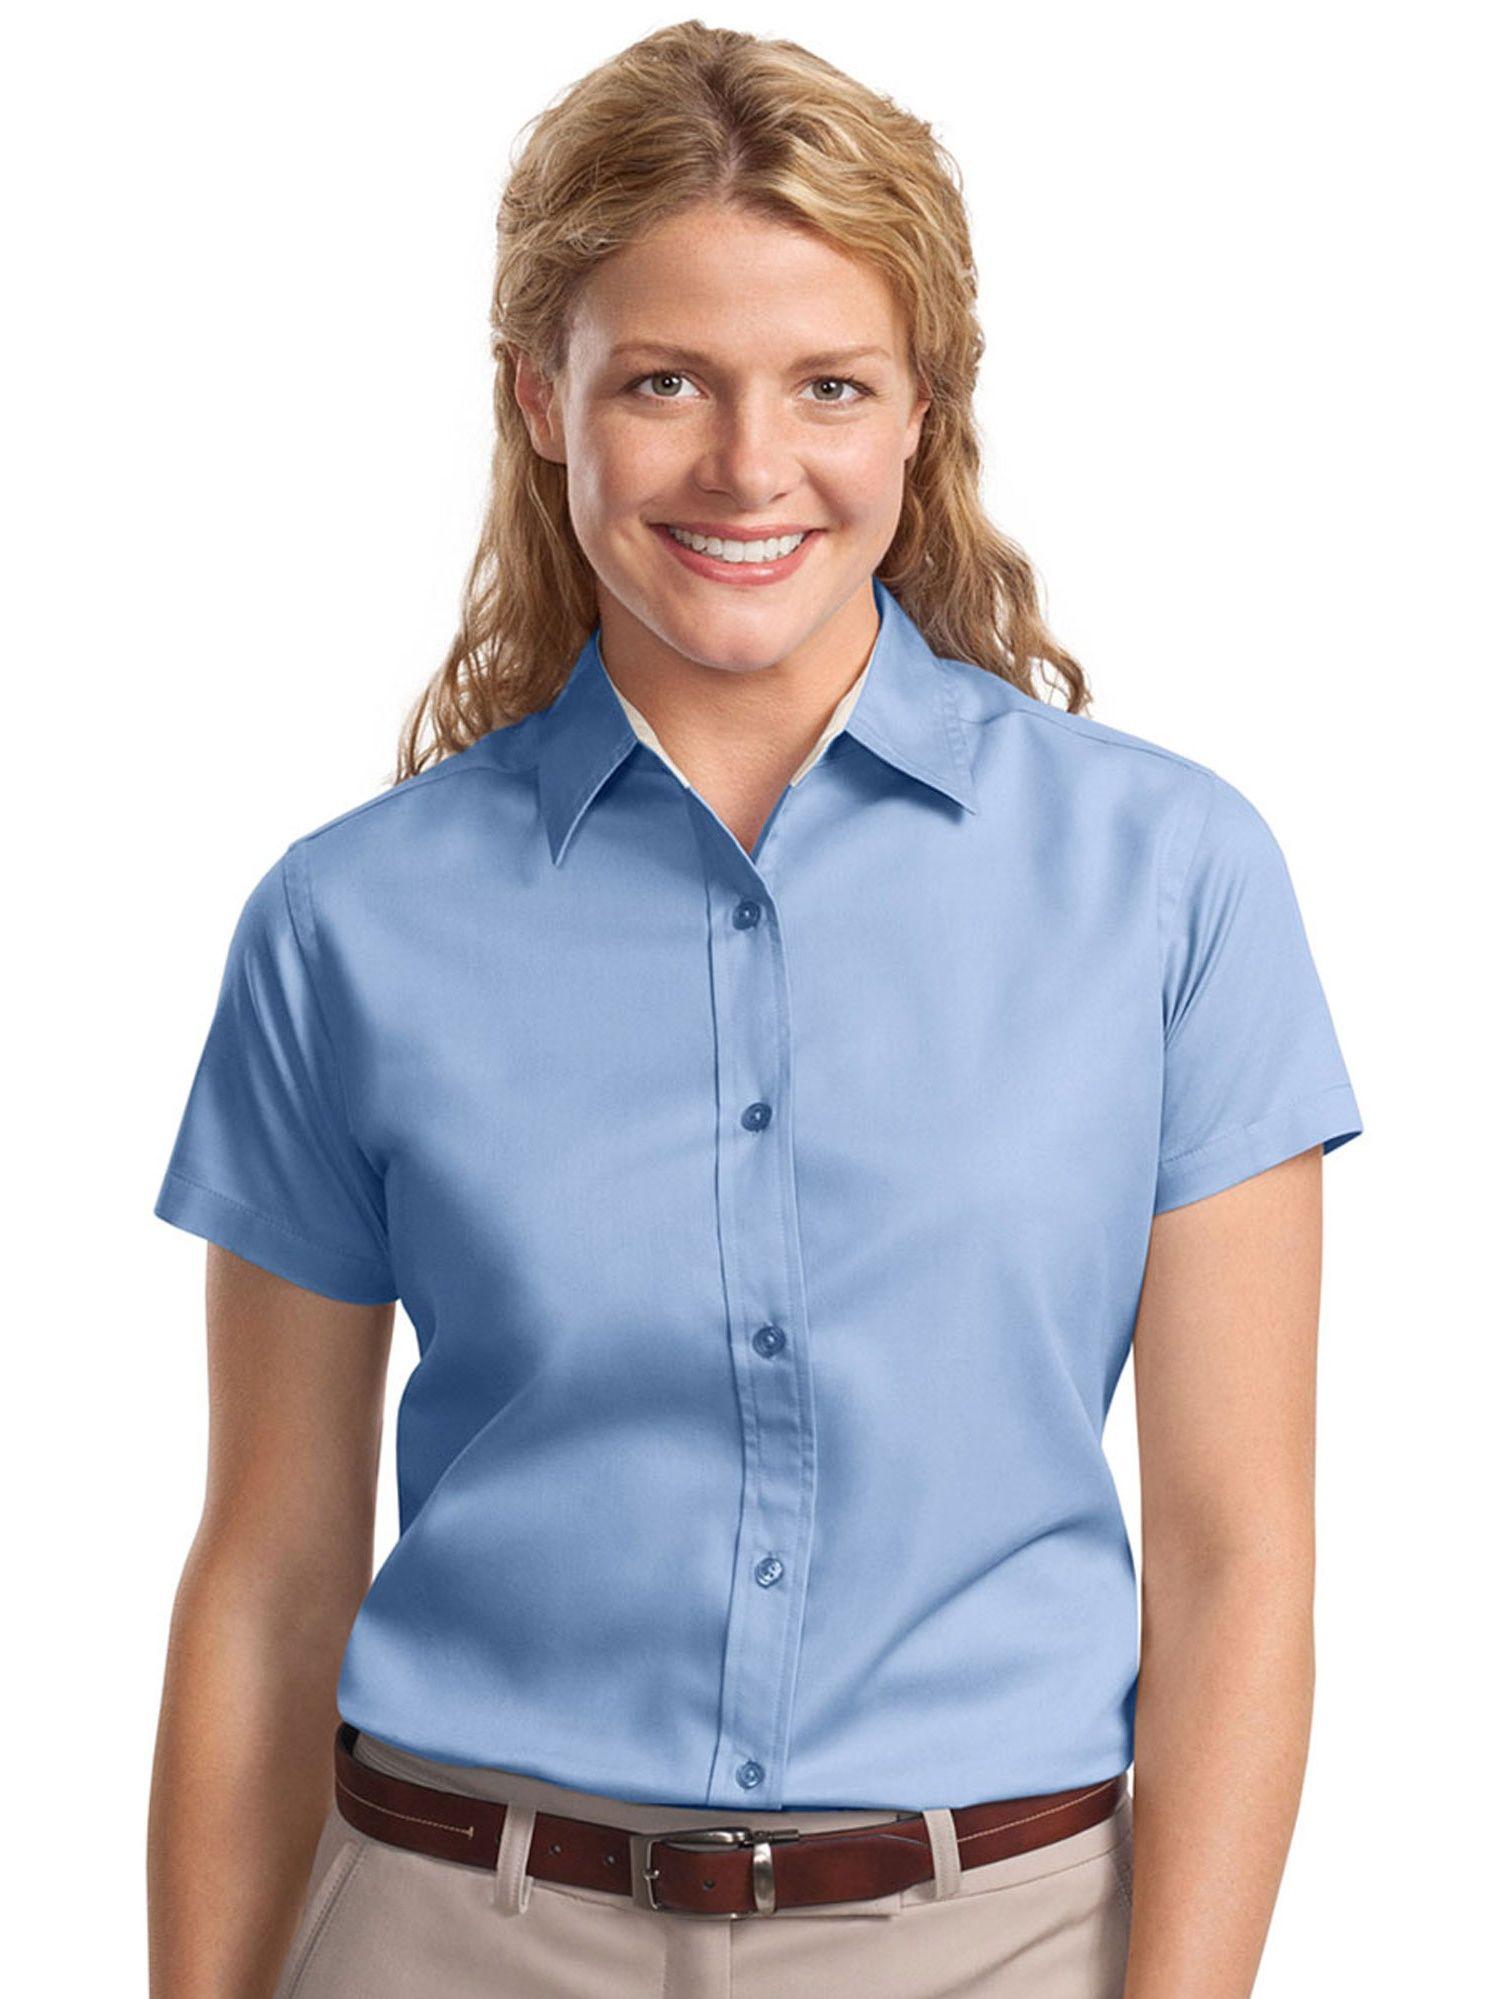 Port Authority Port Authority Women S Short Sleeve Open Collar Shirt Walmart Com In 2021 Open Collar Shirt Resistance Shirt Shirts [ 1999 x 1500 Pixel ]